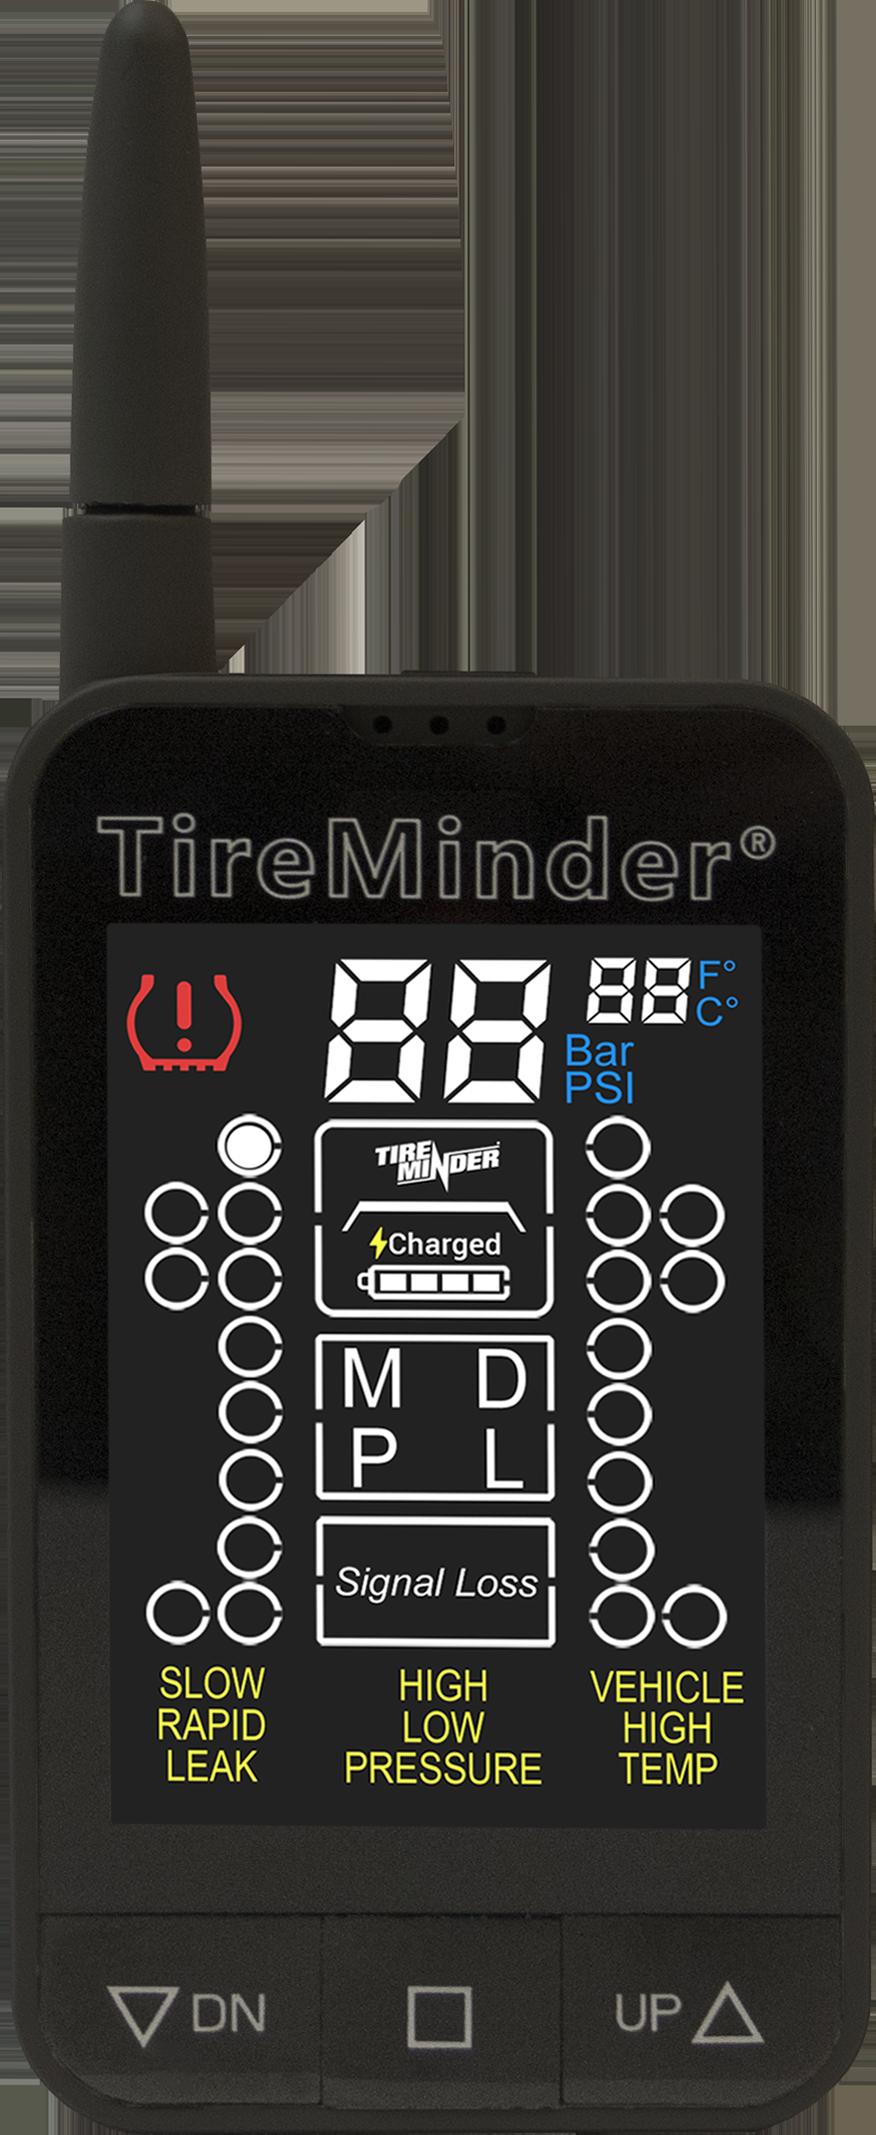 TireMinder TM-88C Monitor